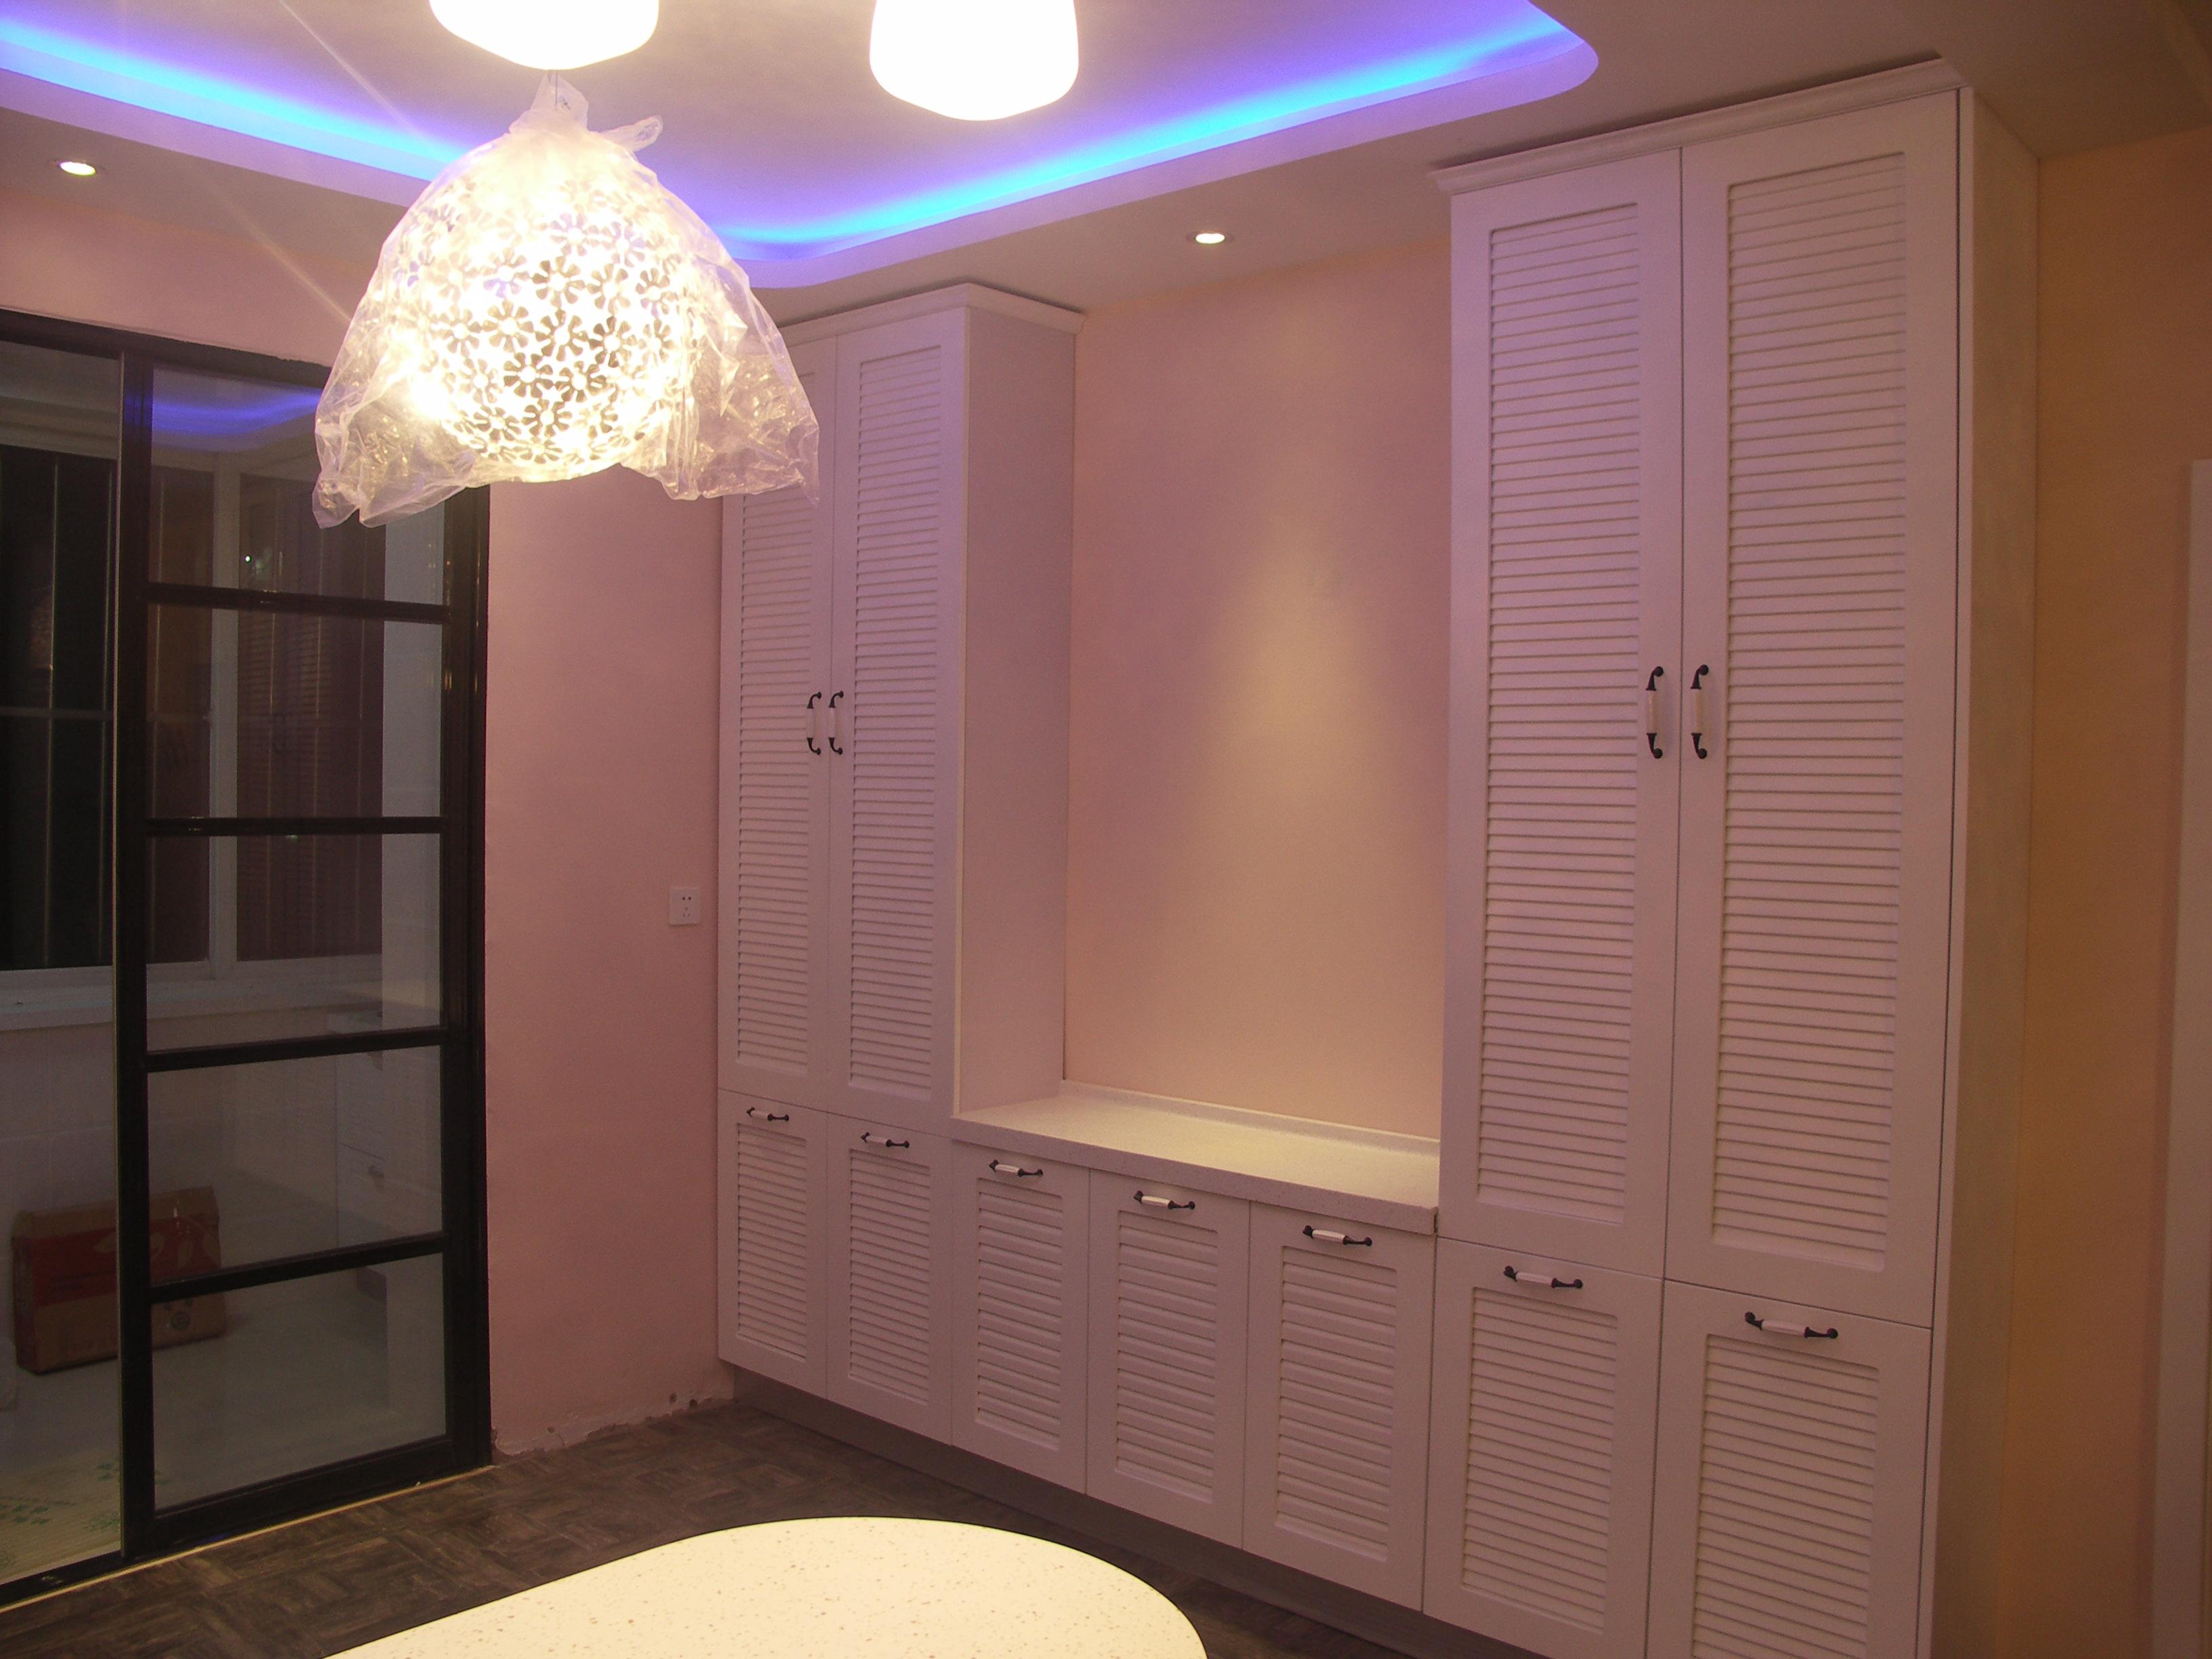 简约 欧式 田园 混搭 二居 三居 别墅 白领 旧房改造 卧室图片来自雅户橱柜衣柜滑动门在生活从厨房开始的分享